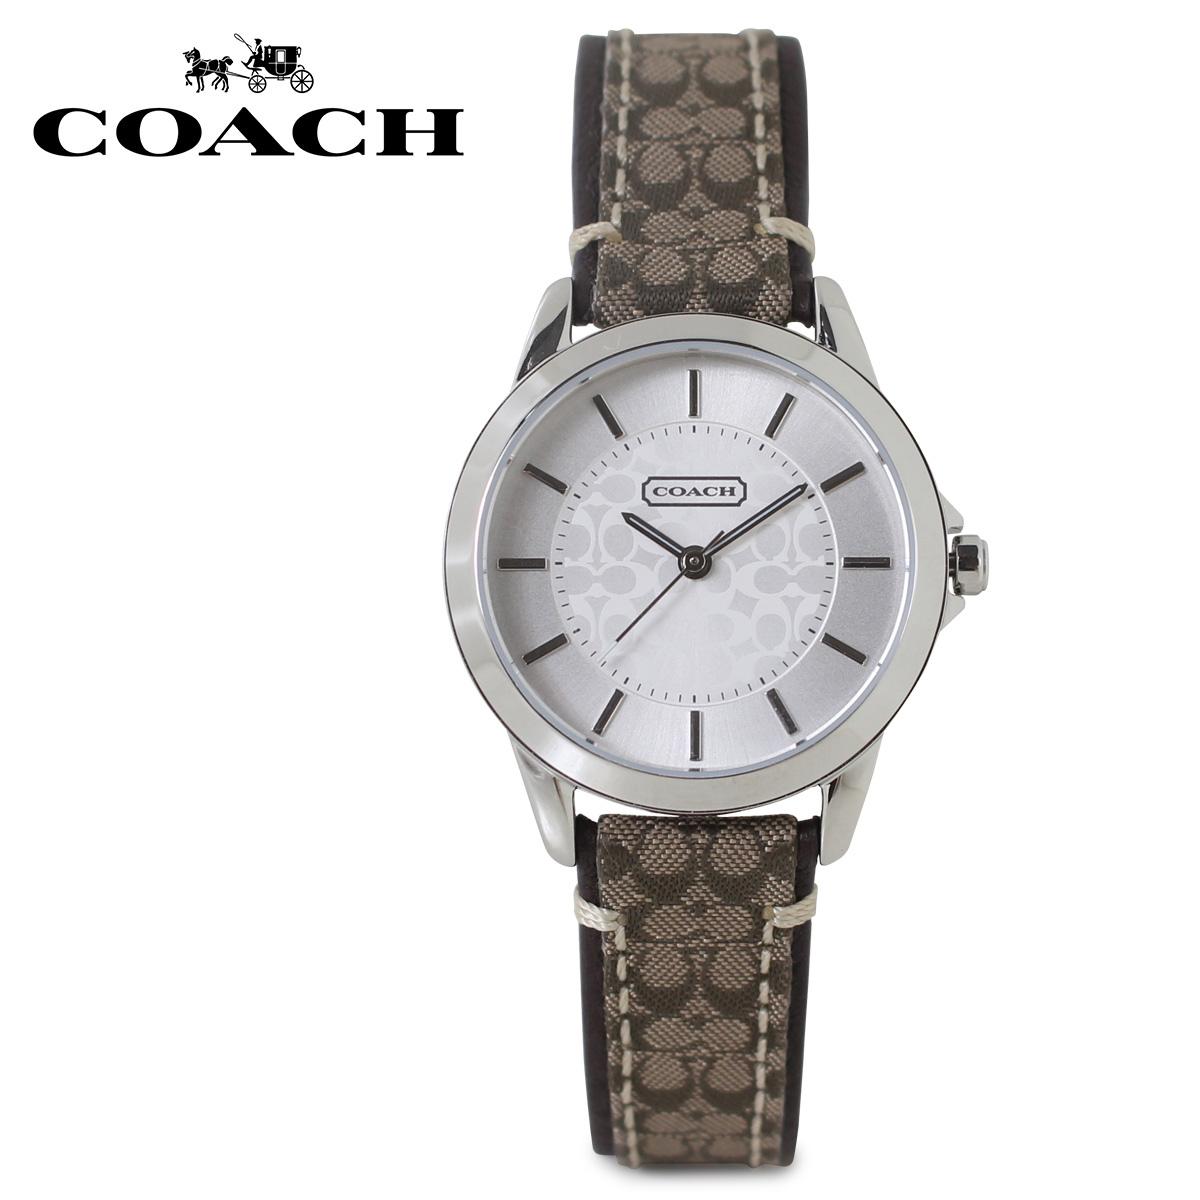 COACH 14501525 コーチ 腕時計 レディース シグネチャー レザー ブラウン